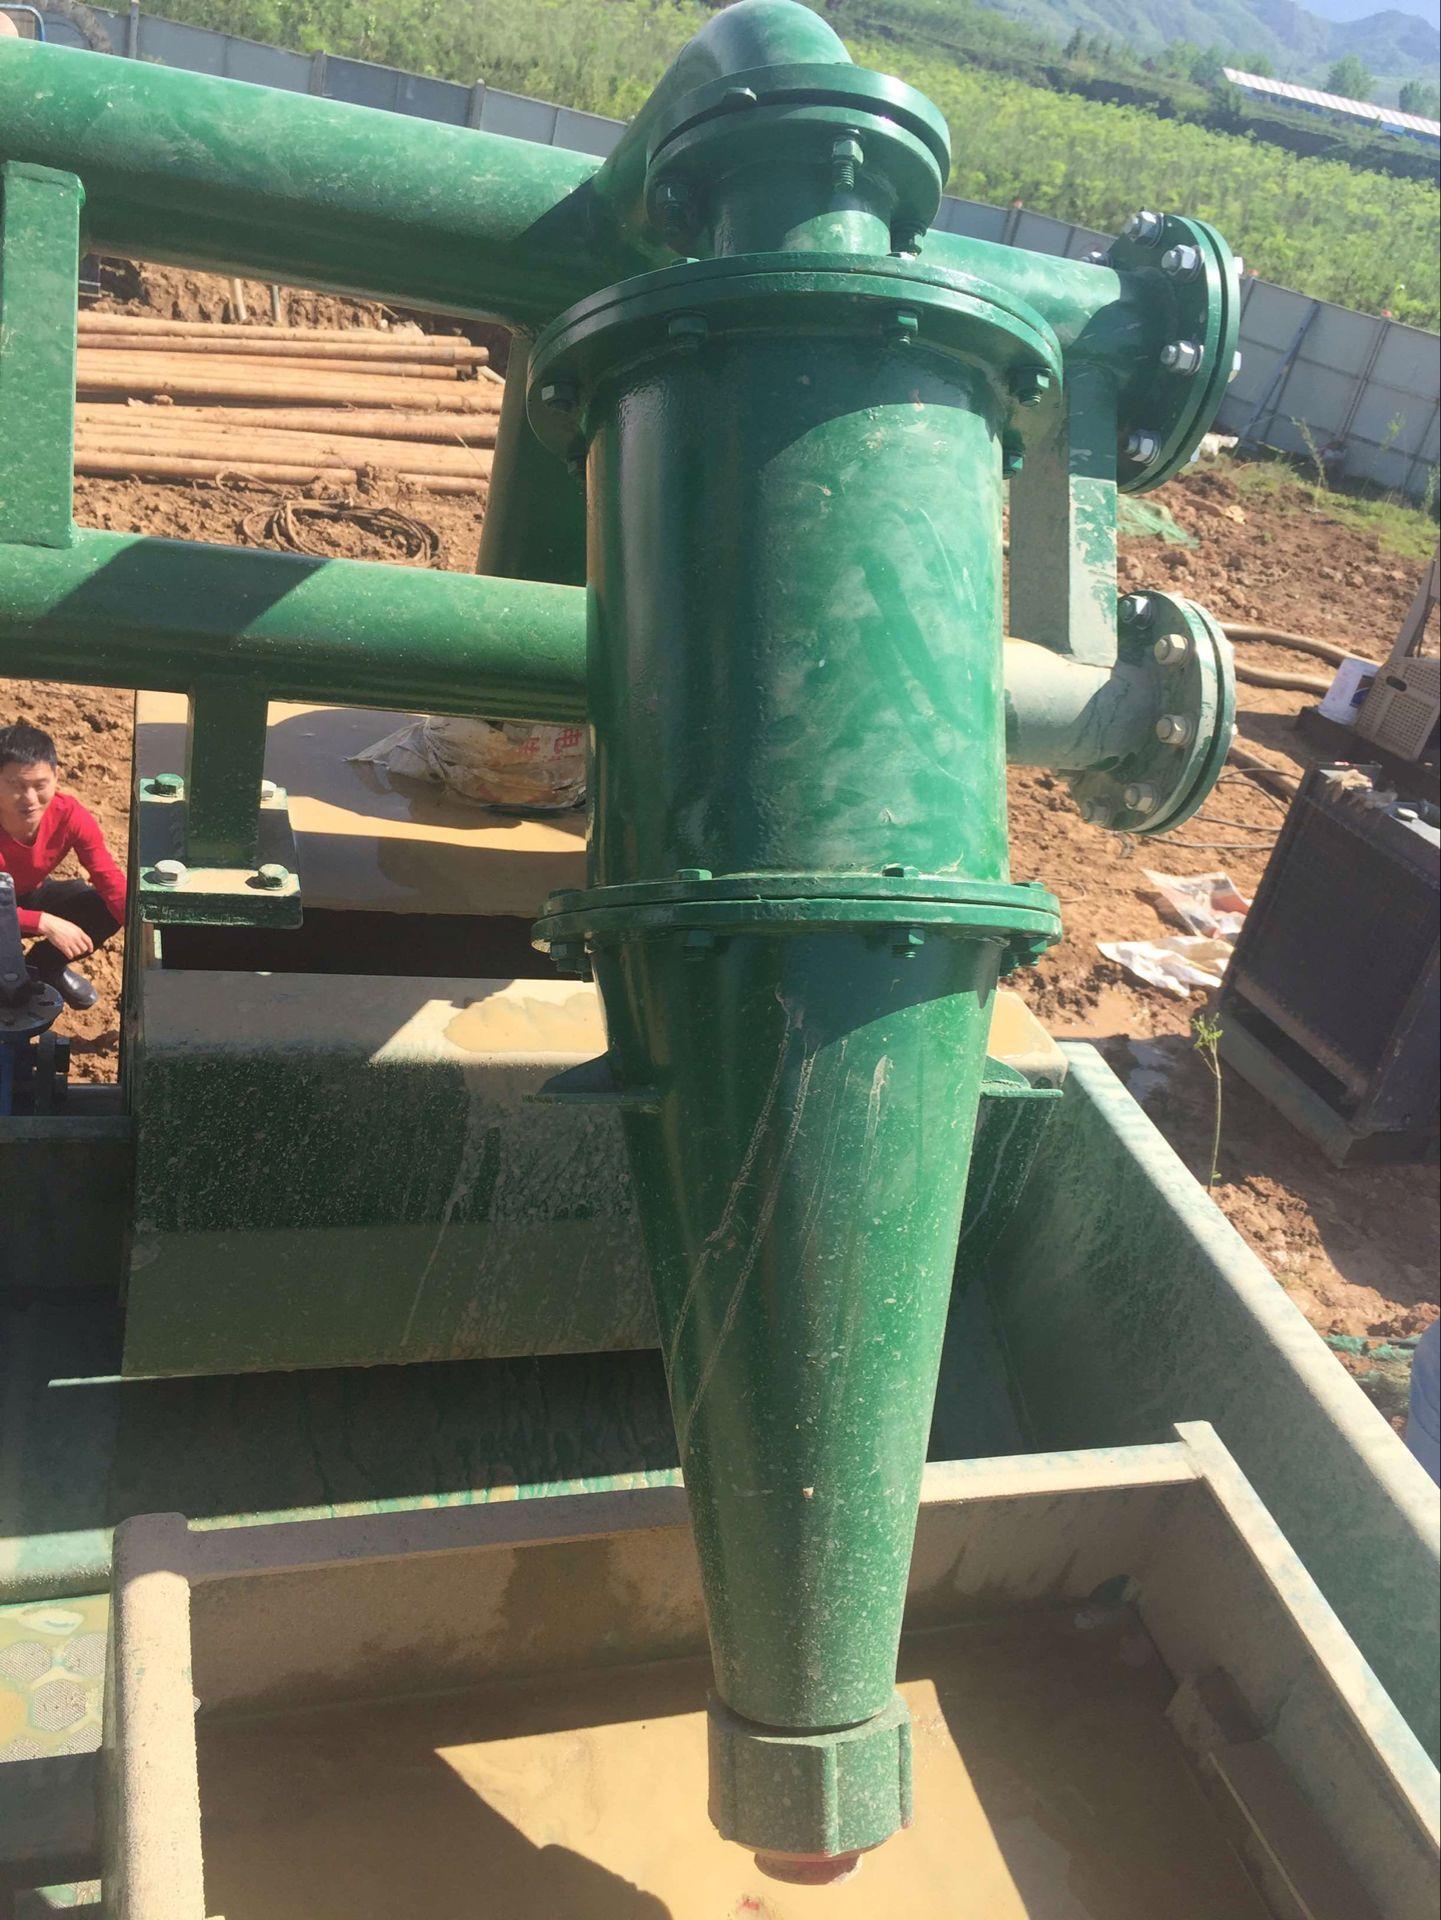 Desanding plant for drilling, oilfield mud desander